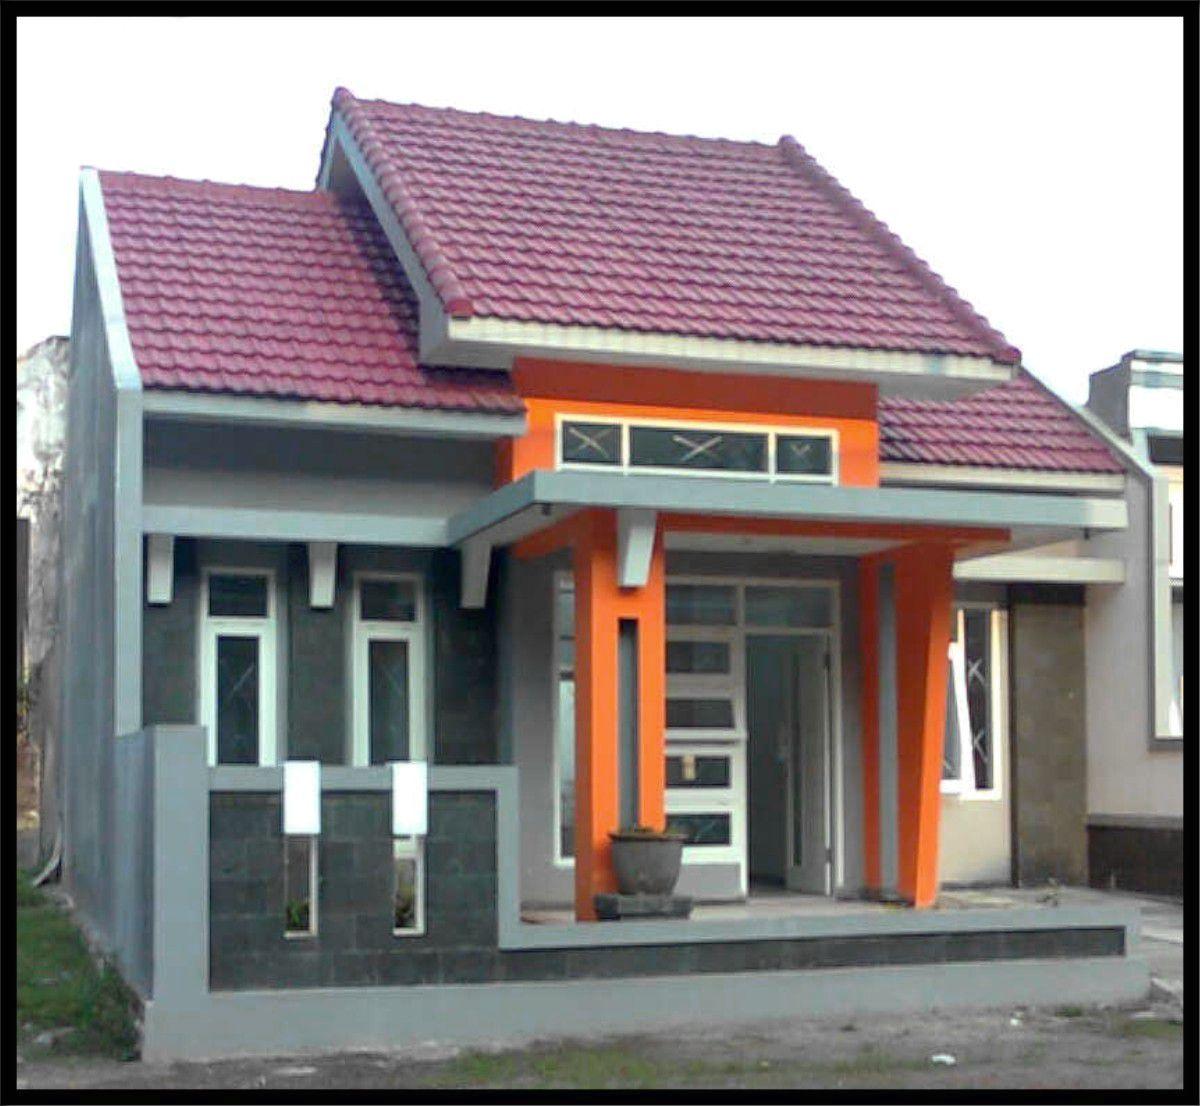 rumah minimalis modern » 10 Model Rumah Satu Lantai Konsep Minimalis Paling Inspiratif Terbaru 2018